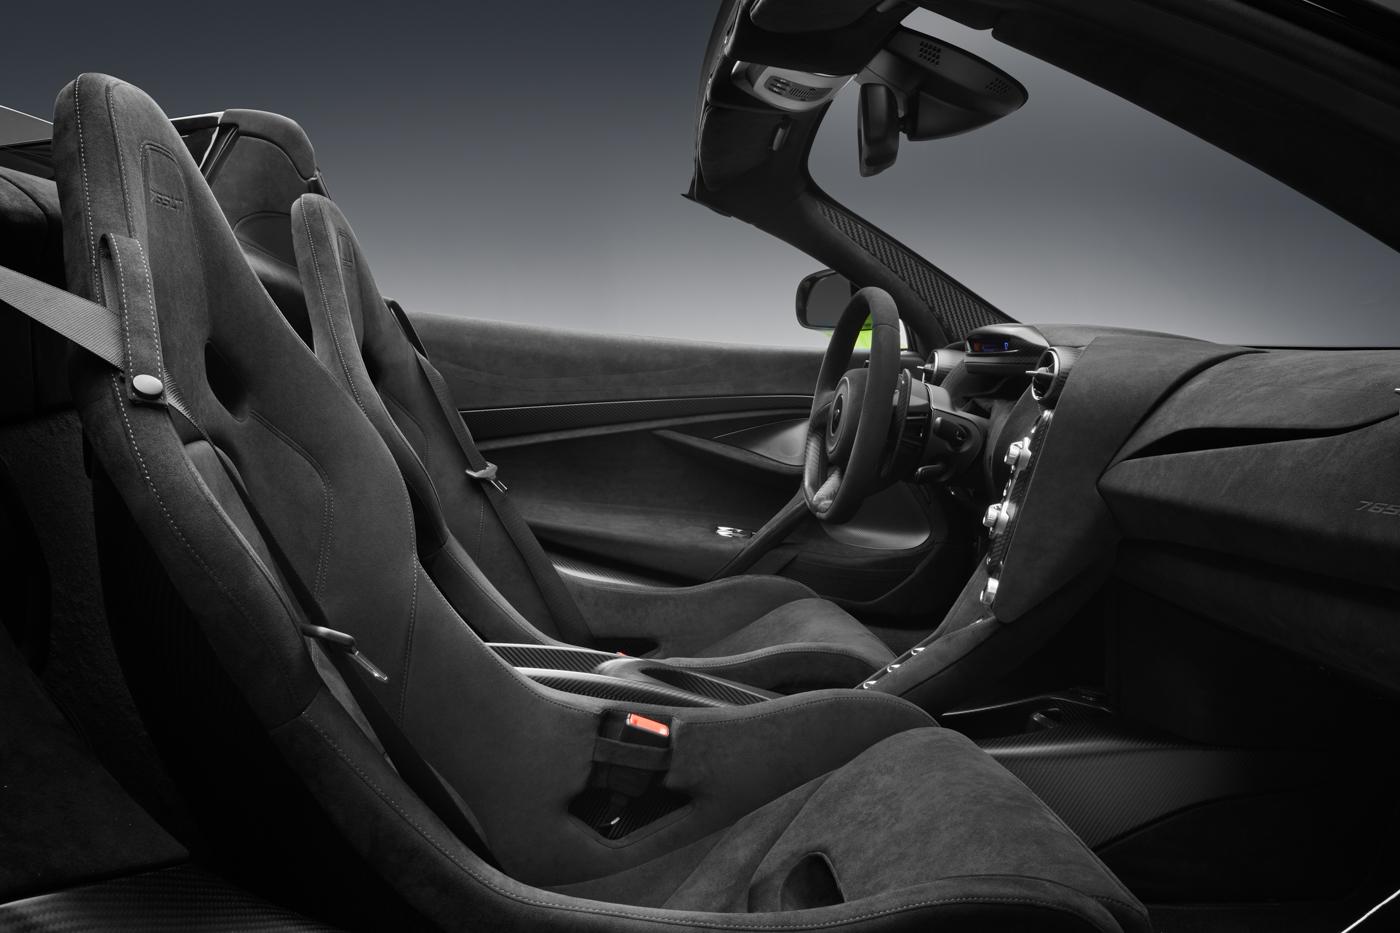 McLaren-765-LT-Spider-siêu-xe-mui-trần-hiệu-năng-cao-dẫn-đầu-phân-khúc-36.jpg